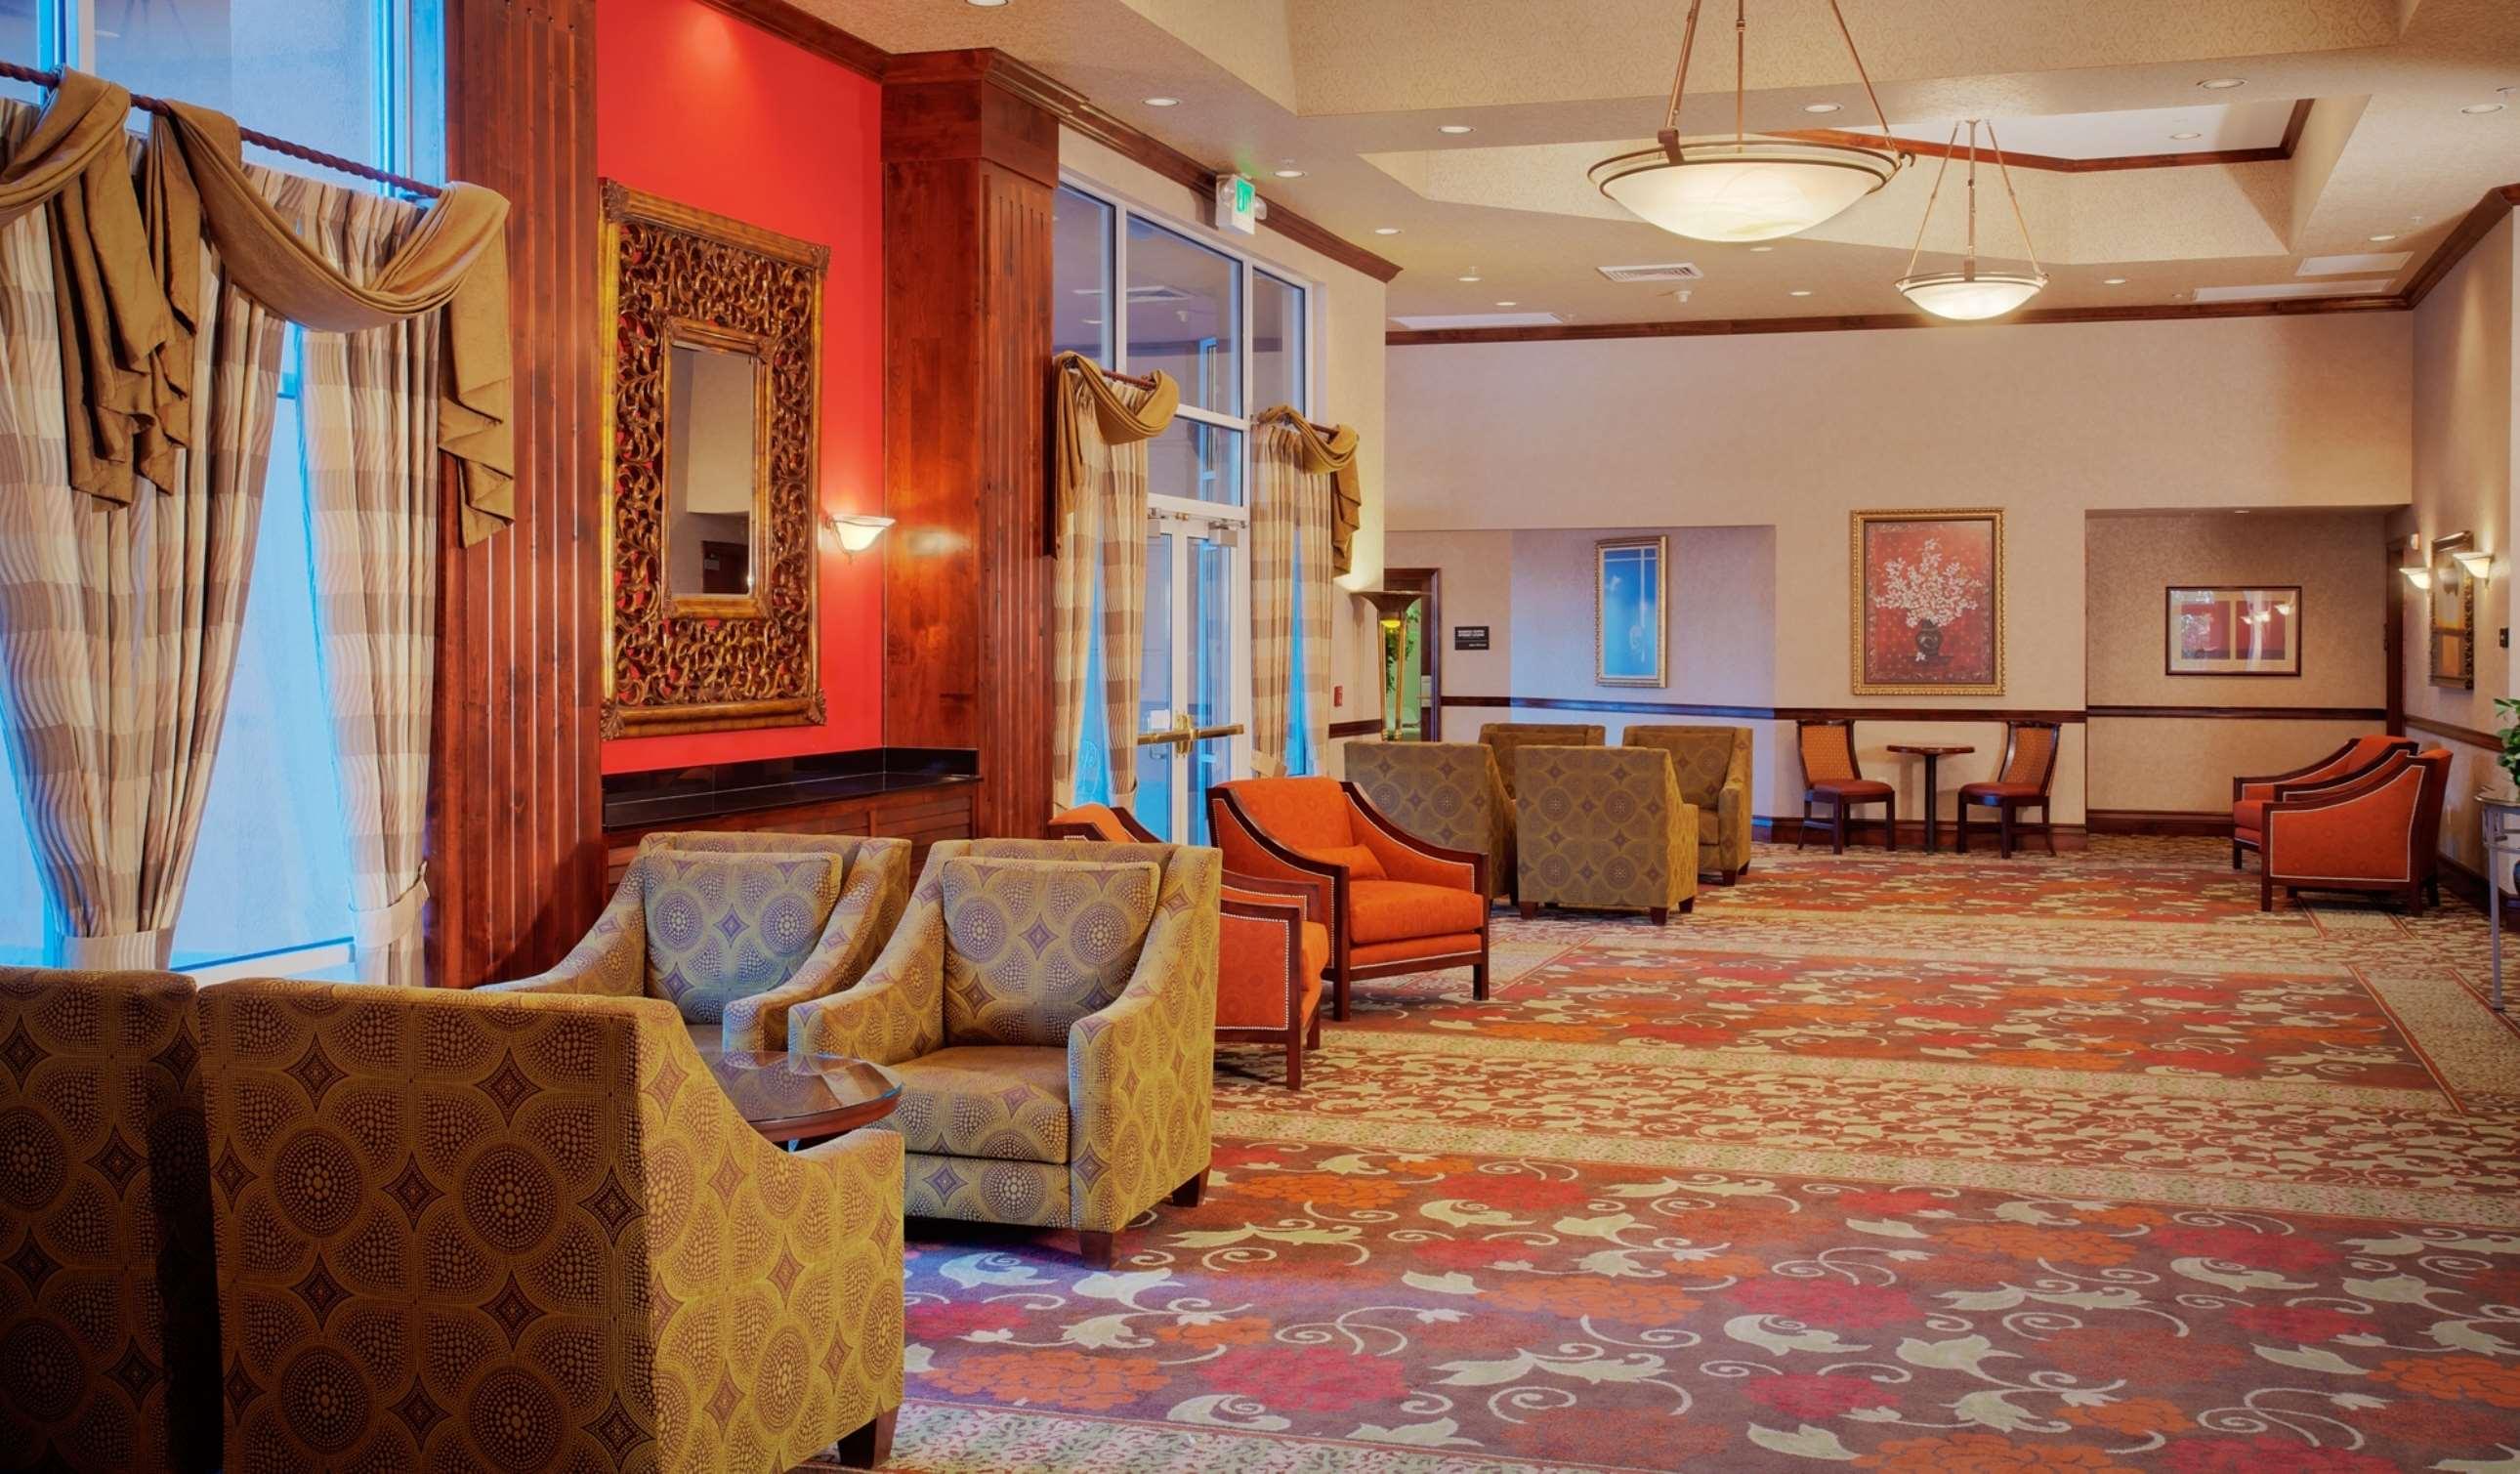 Hampton Inn & Suites Salt Lake City Airport image 21